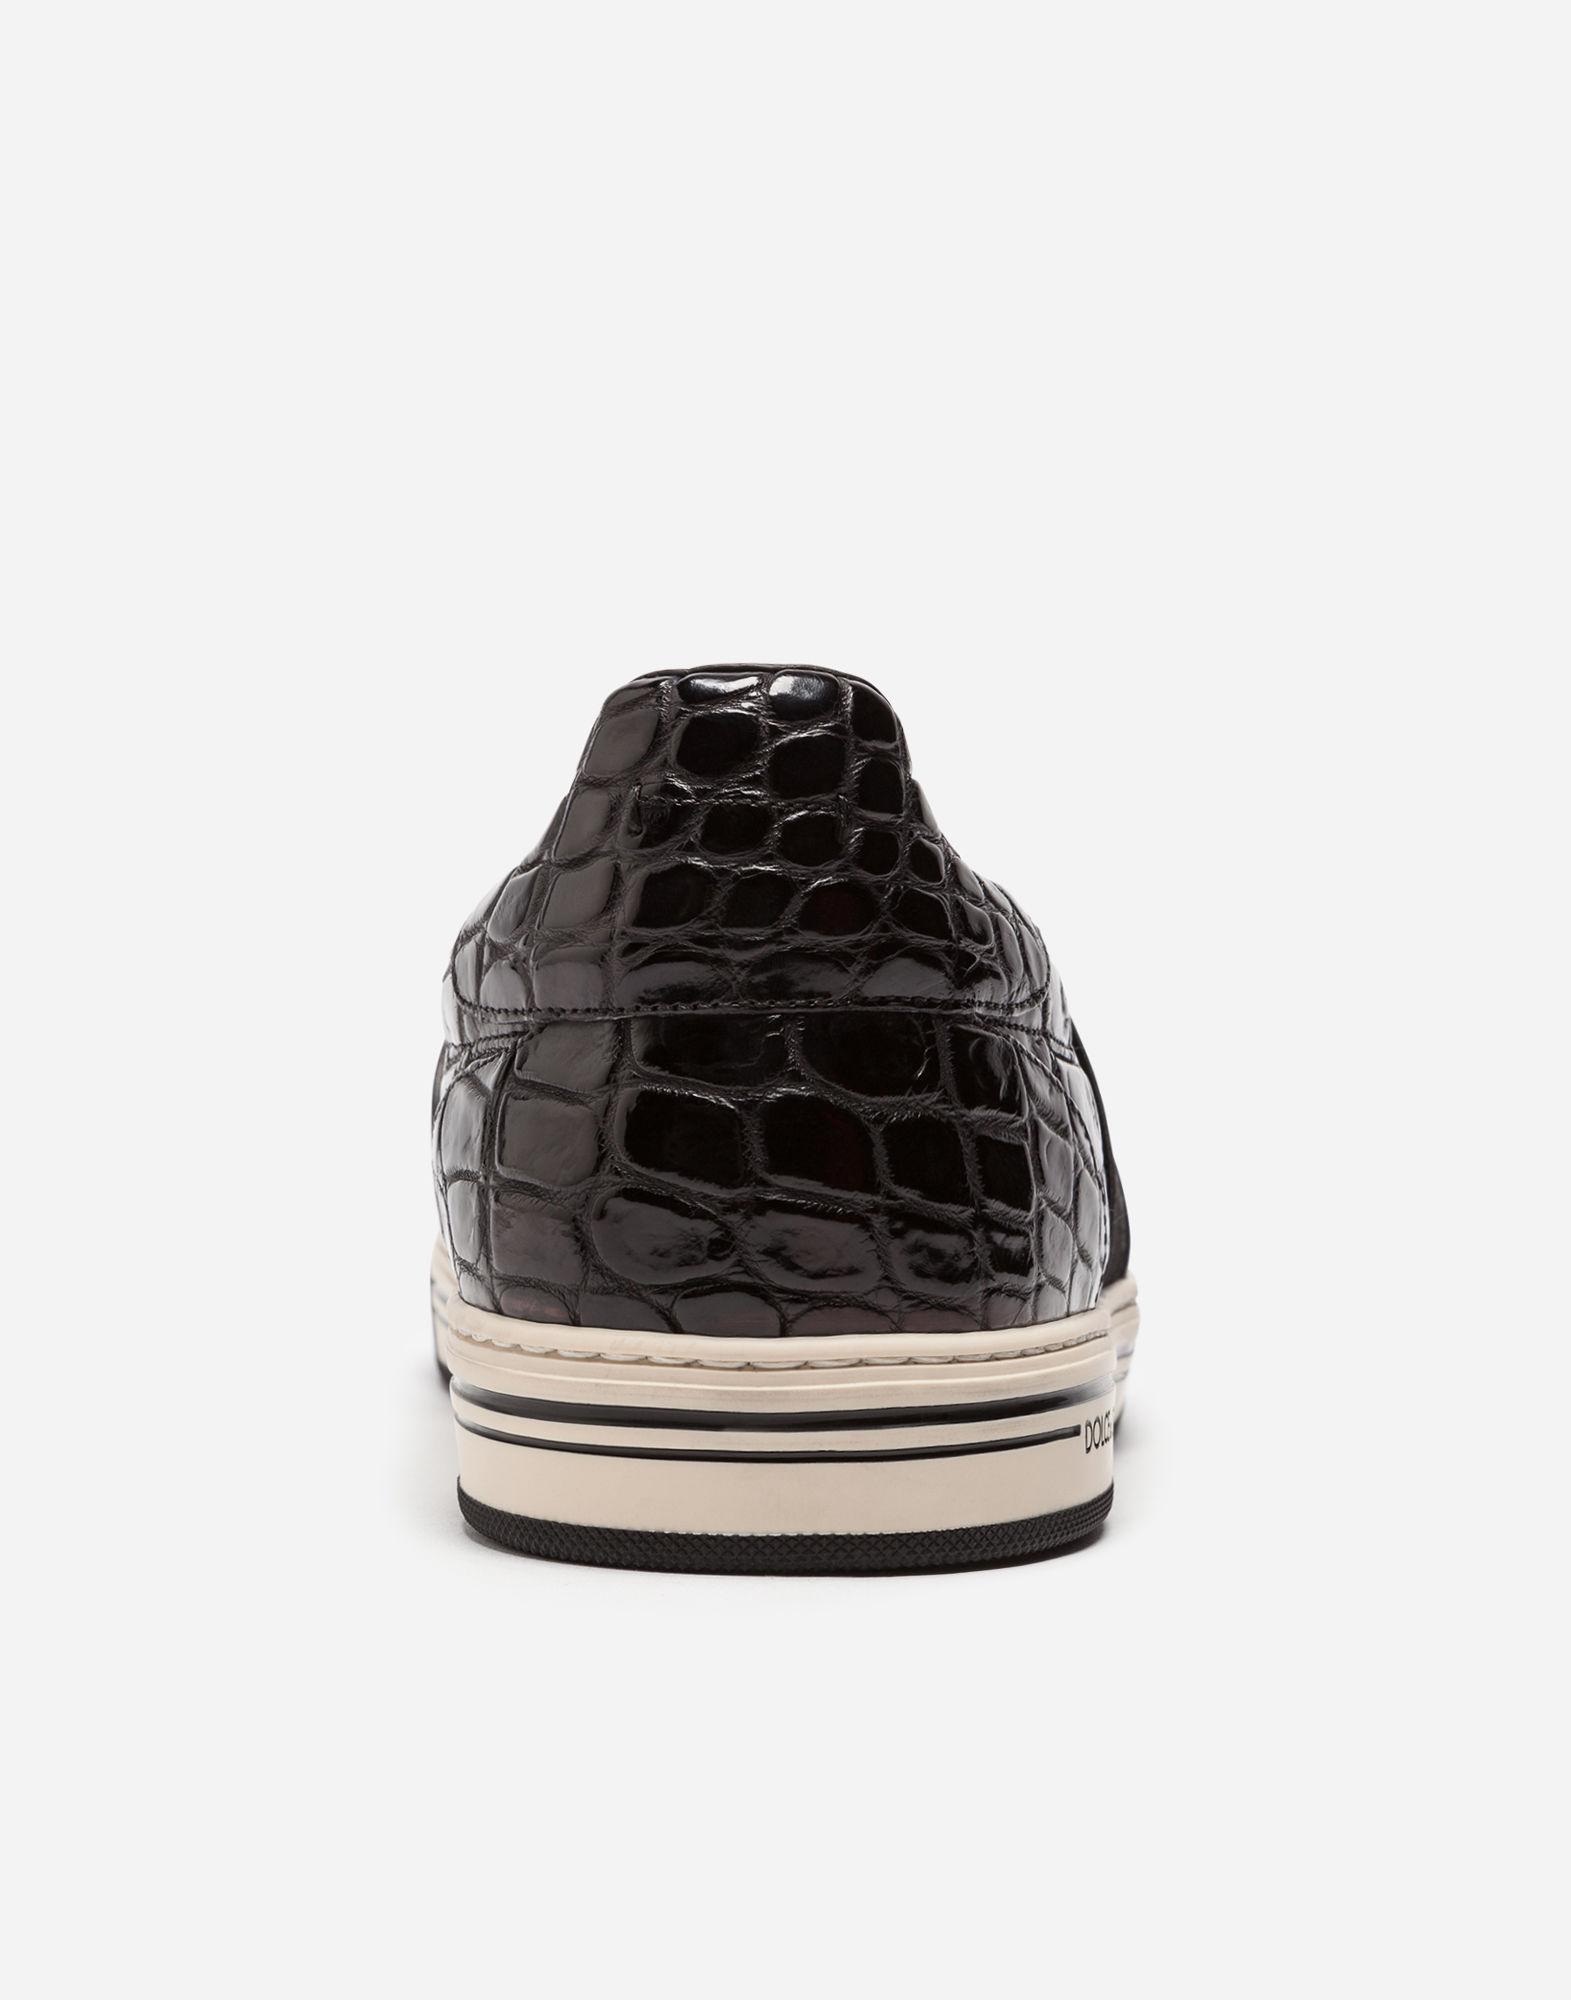 3ba18da908 Rome Slip-On Sneakers In Crocodile Leather in Black